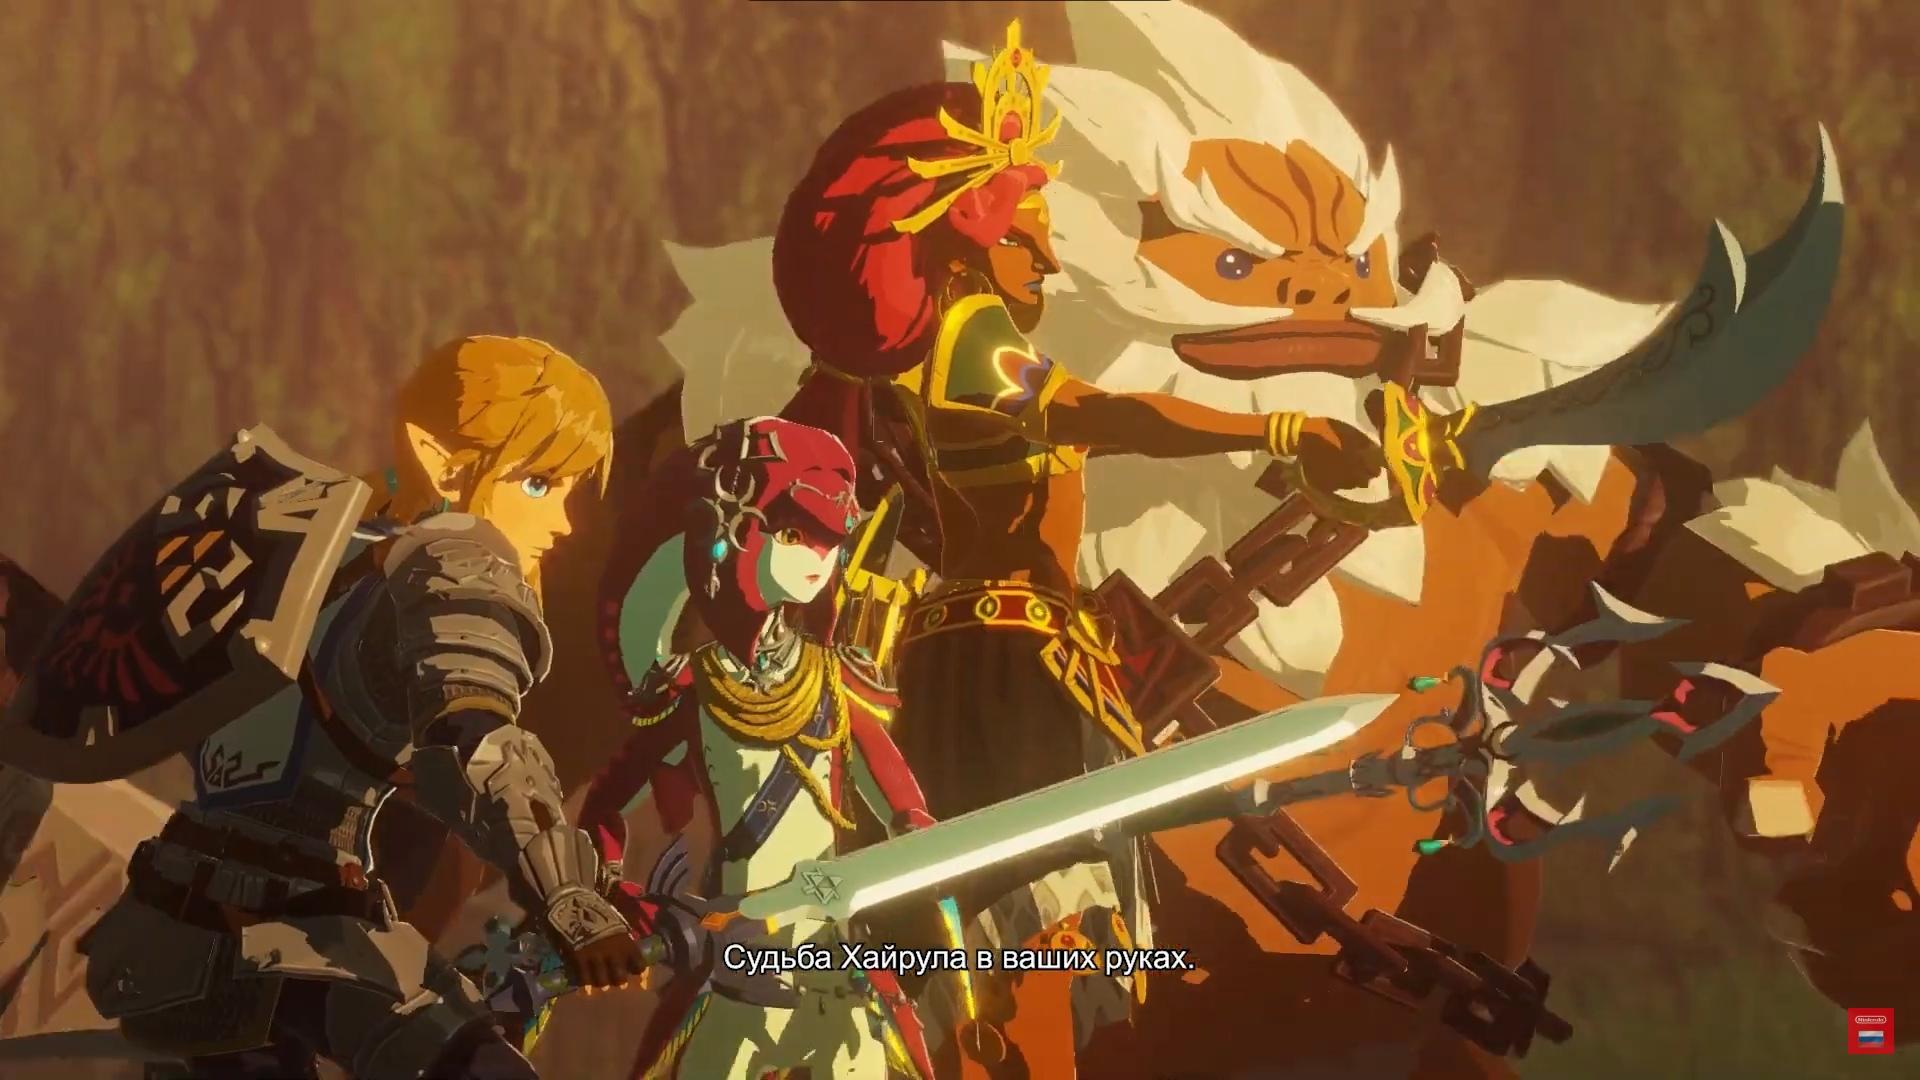 Новый трейлер и первые кадры геймплея Hyrule Warriors: Age of Calamity